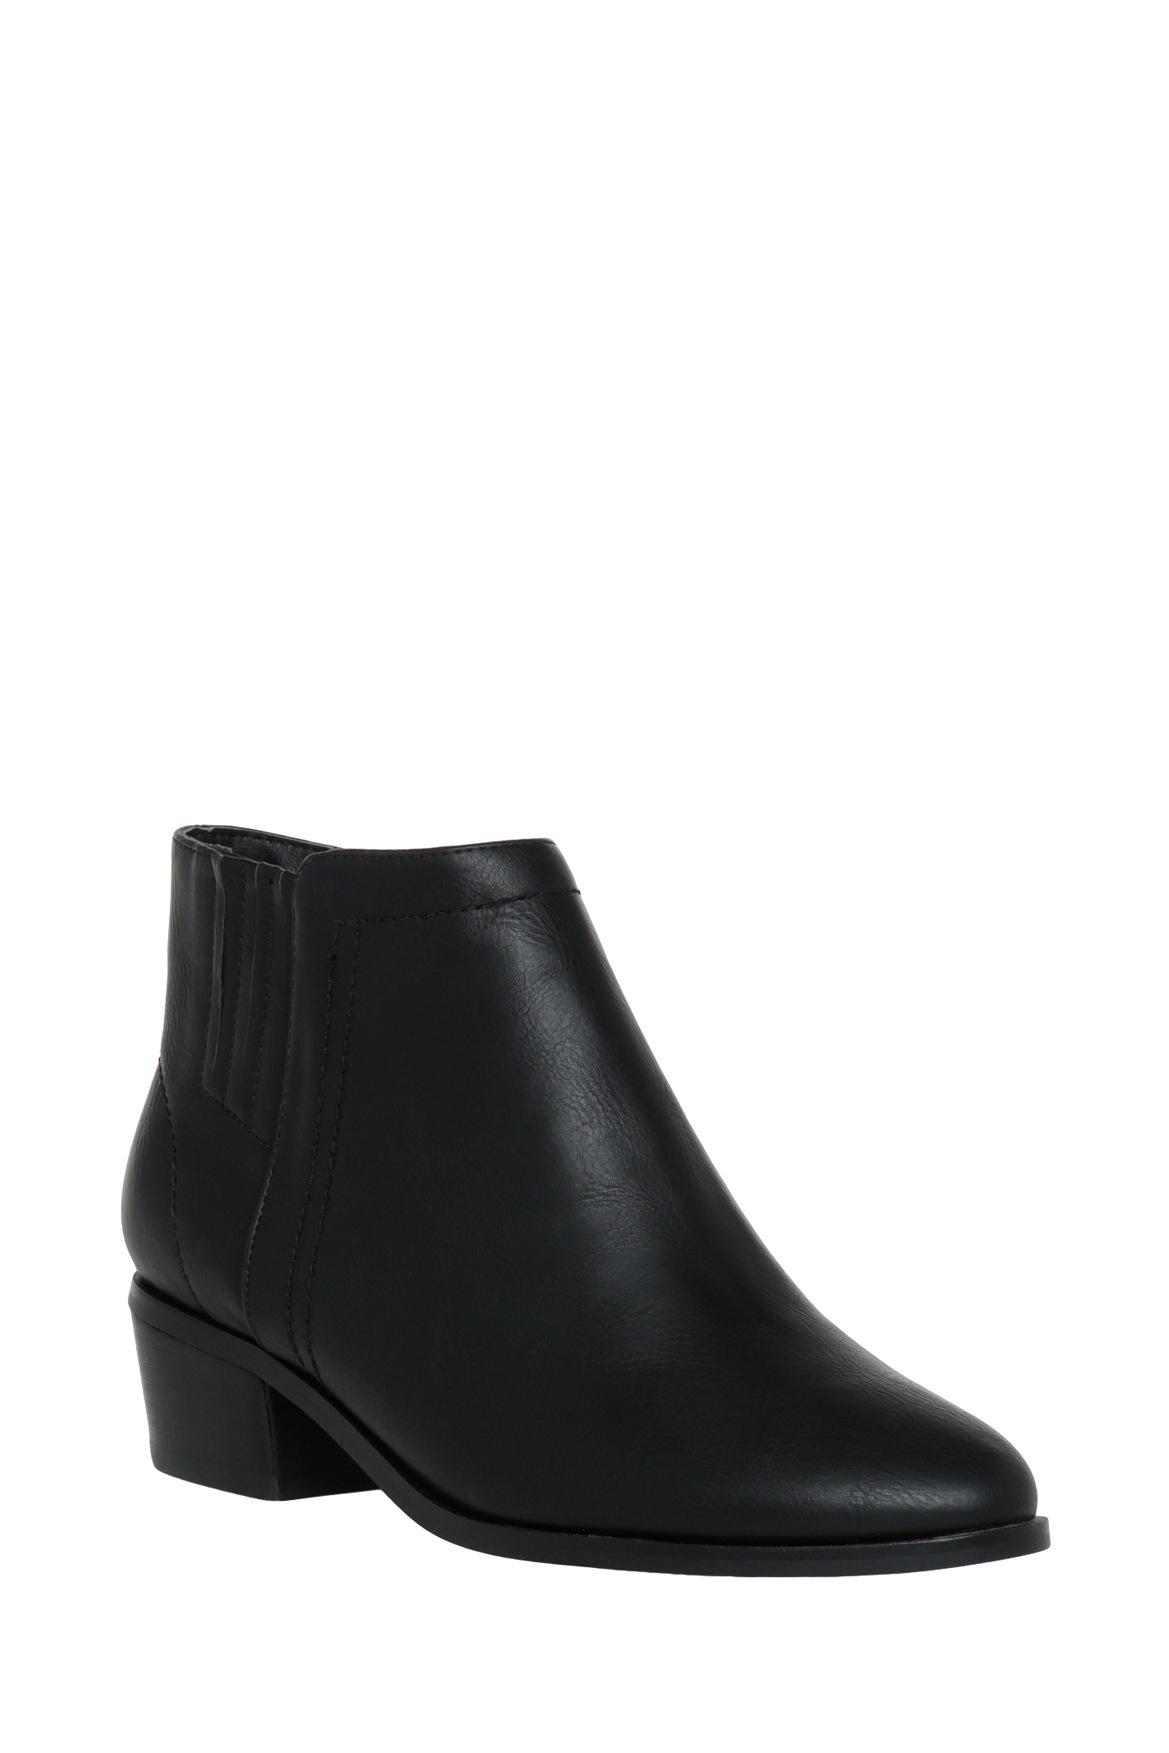 Myer Miss Shop Shoes